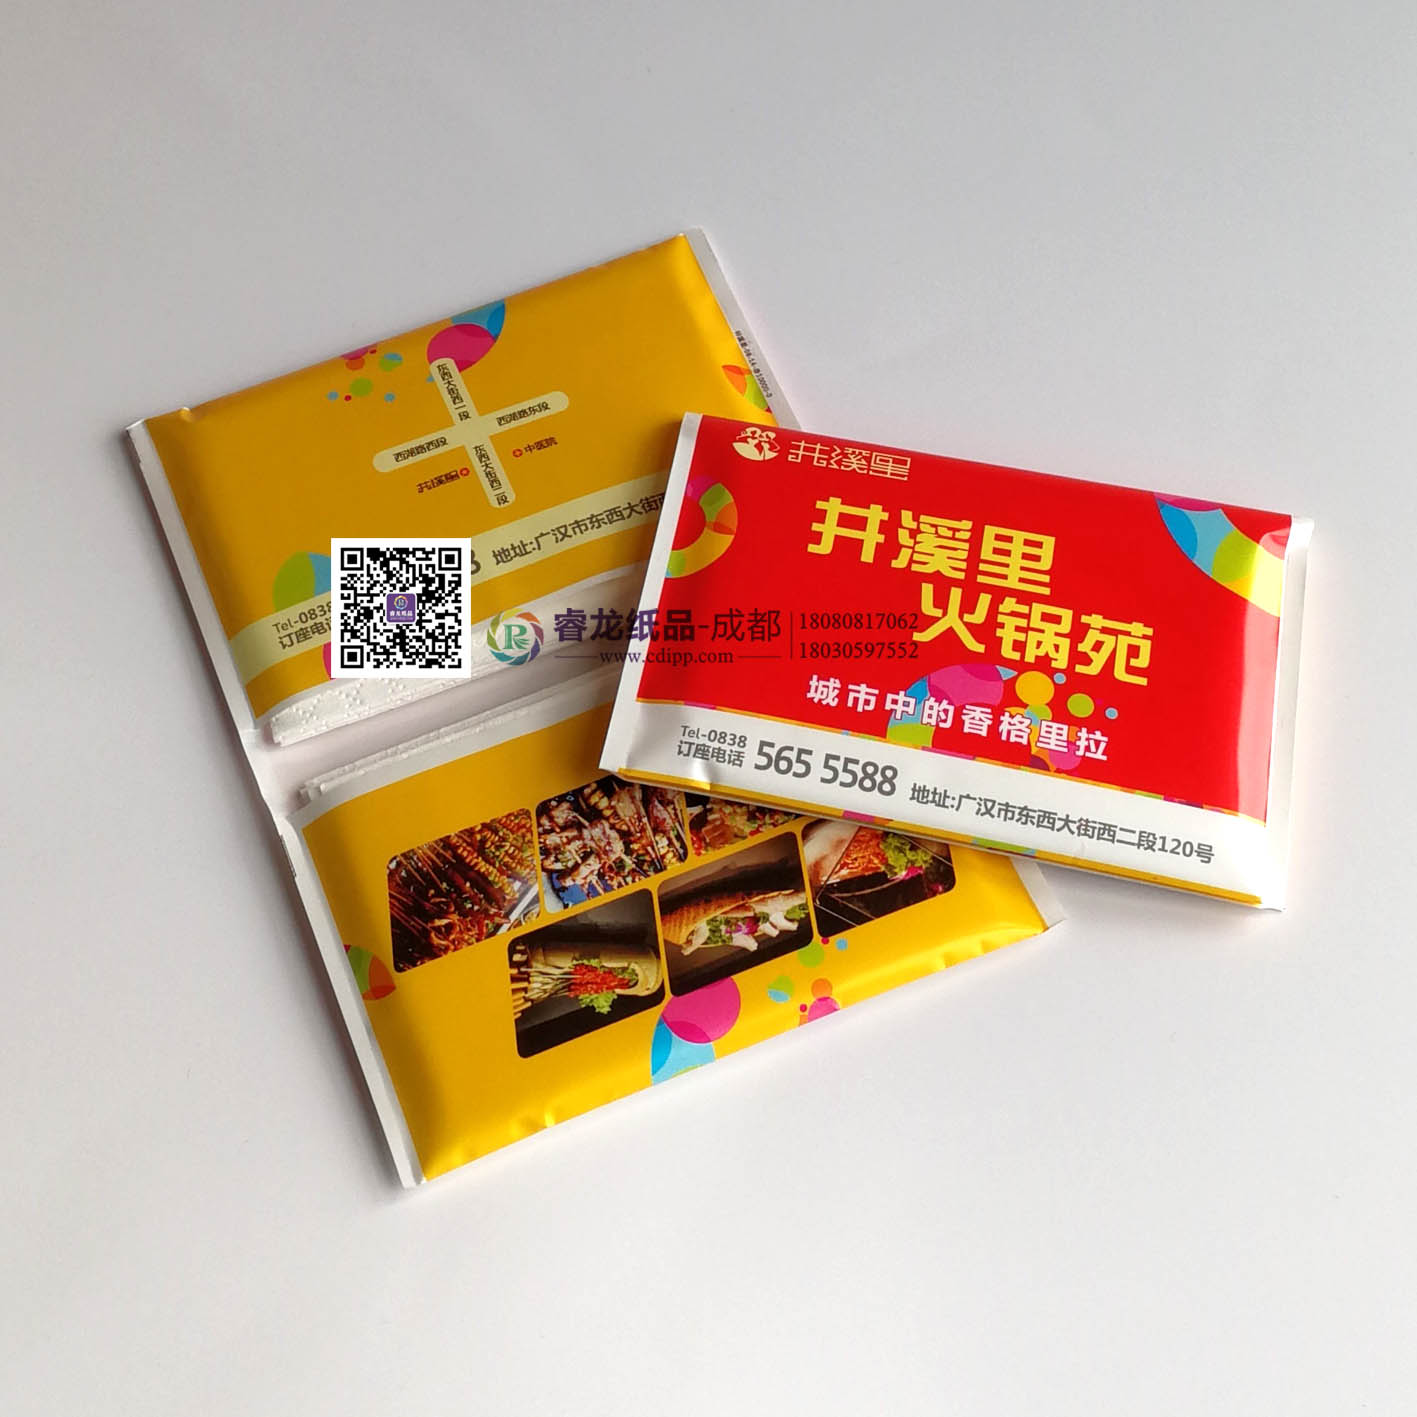 成都睿龙纸品供应优价荷包纸巾✔荷包纸巾厂家【1000包起定】